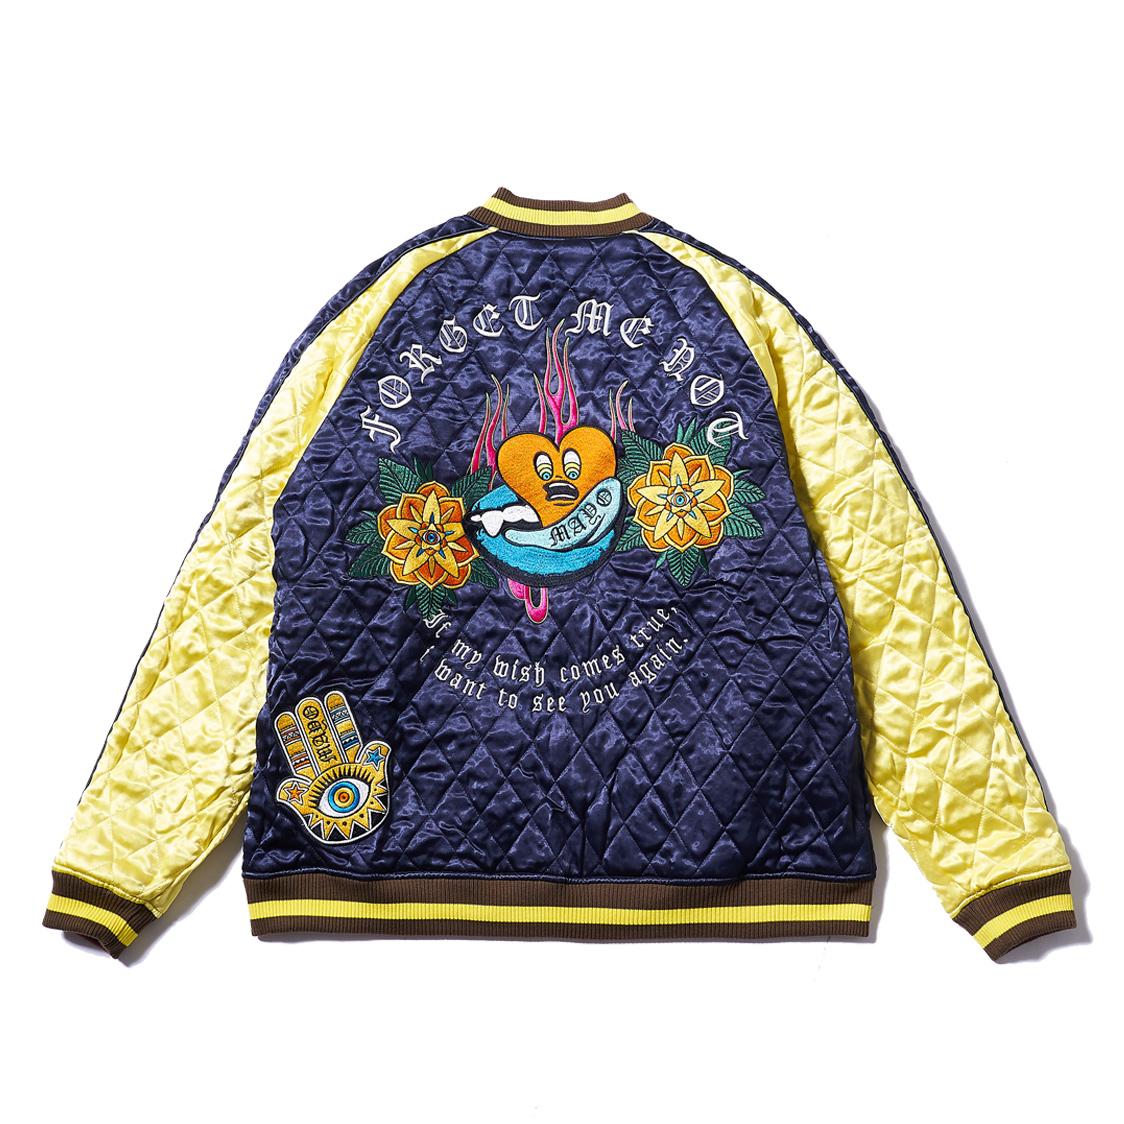 新品 MAYO メイヨー forget me not reversible souvenir JKT リバーシブル スーベニアジャケット スカジャン